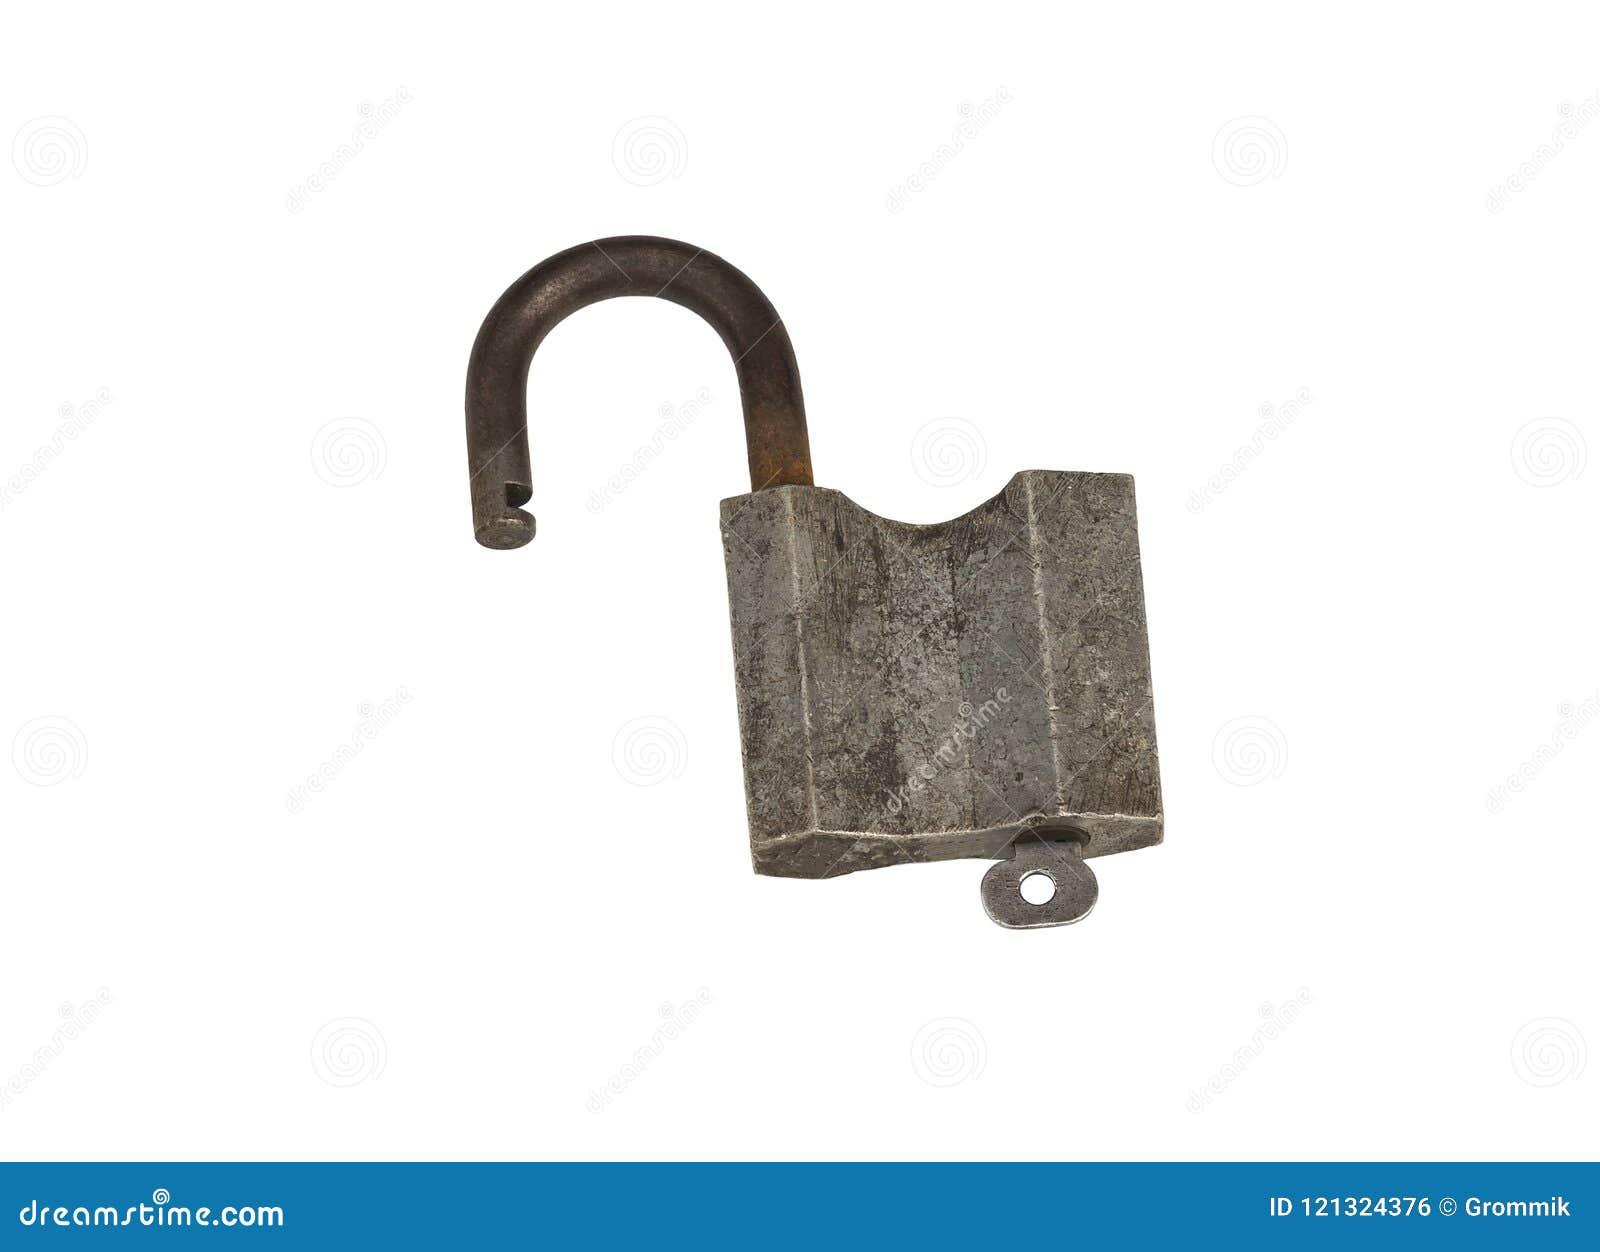 Fechamento aberto articulado do metal com chave, fundo branco